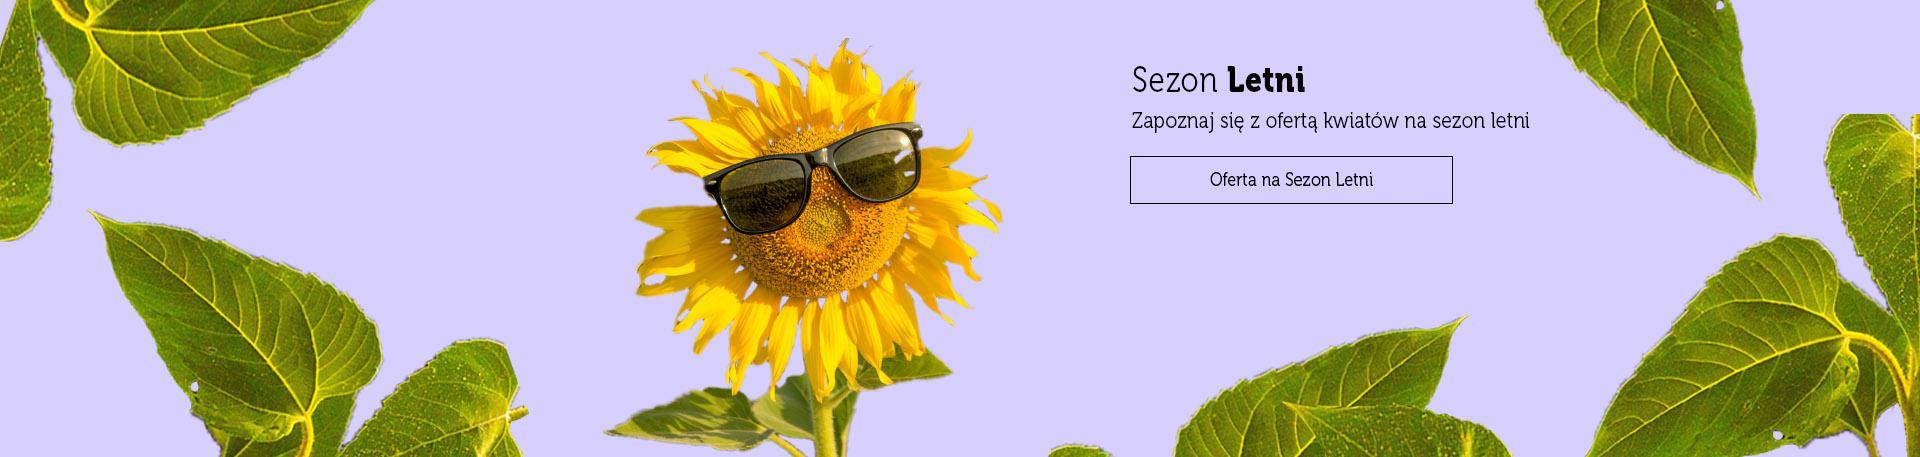 Oferta na Sezon Letni